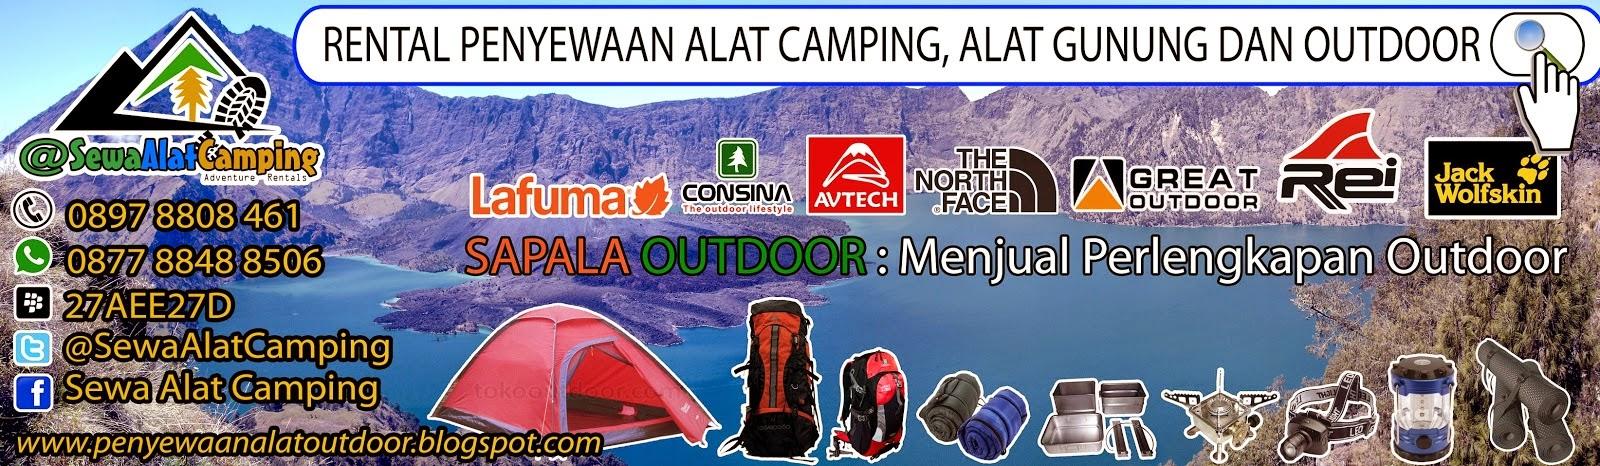 Sewa Alat Camping Di Jakarta